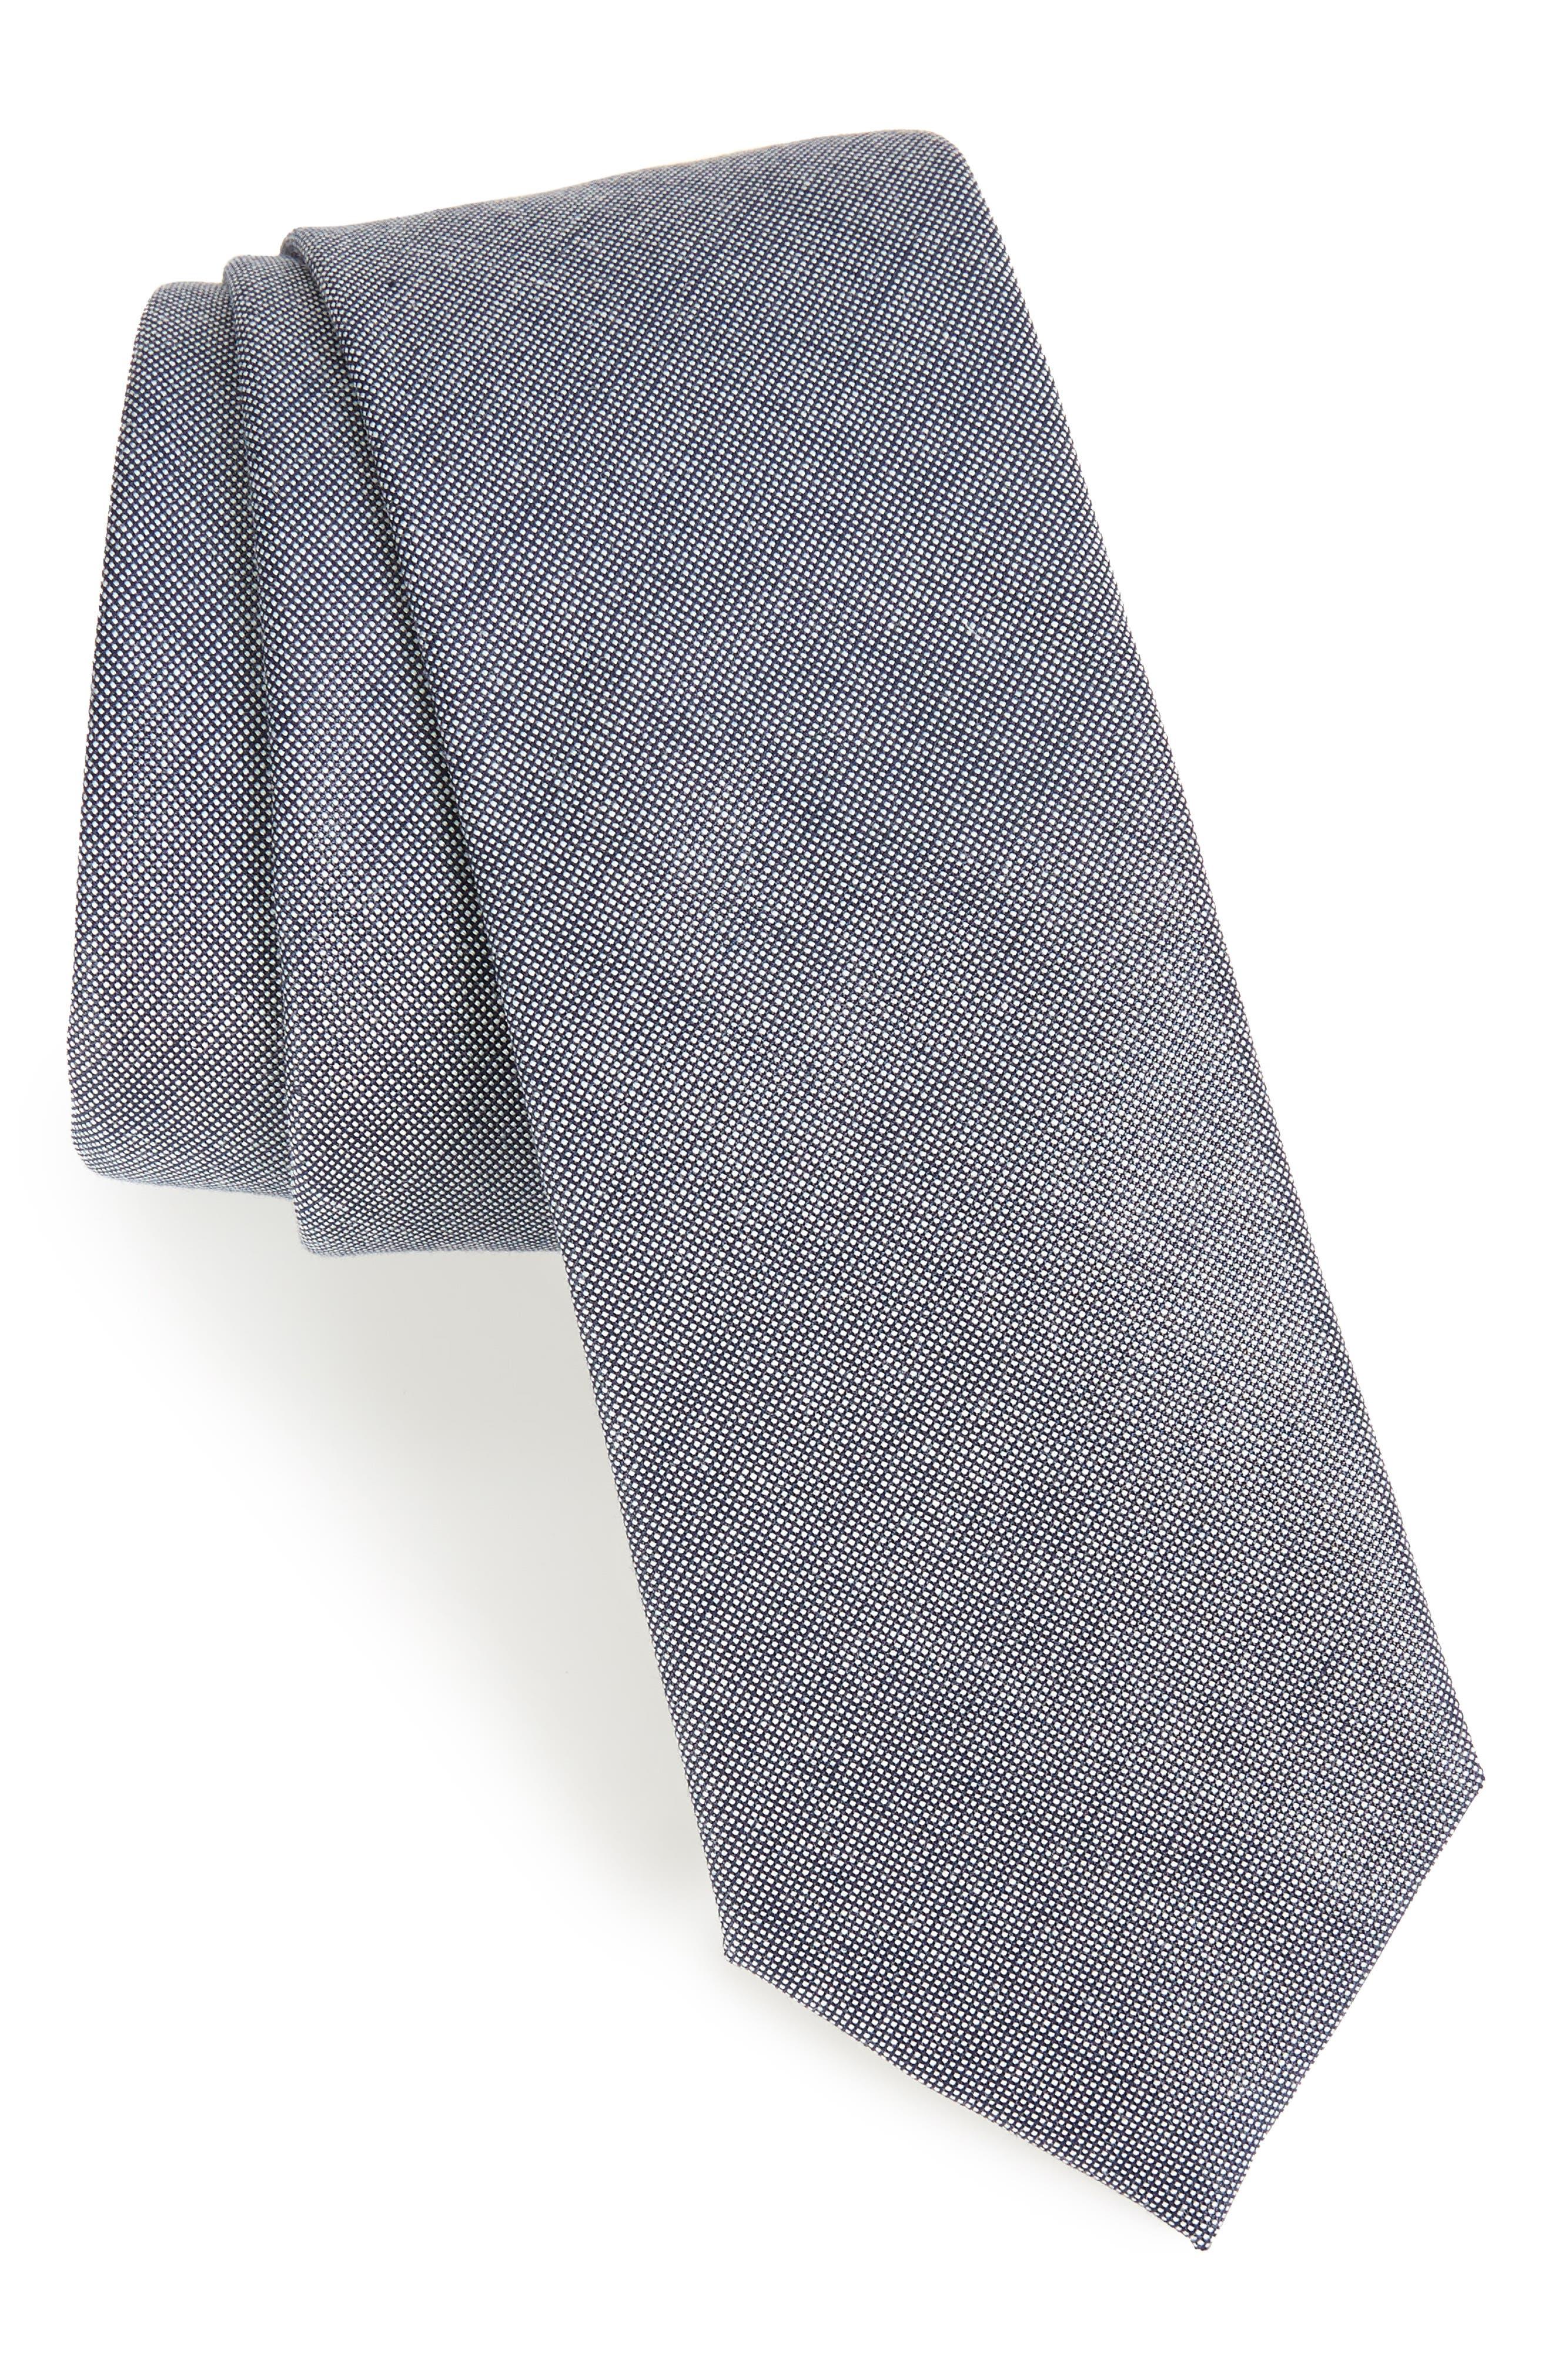 Combin Solid Cotton Blend Tie,                             Main thumbnail 1, color,